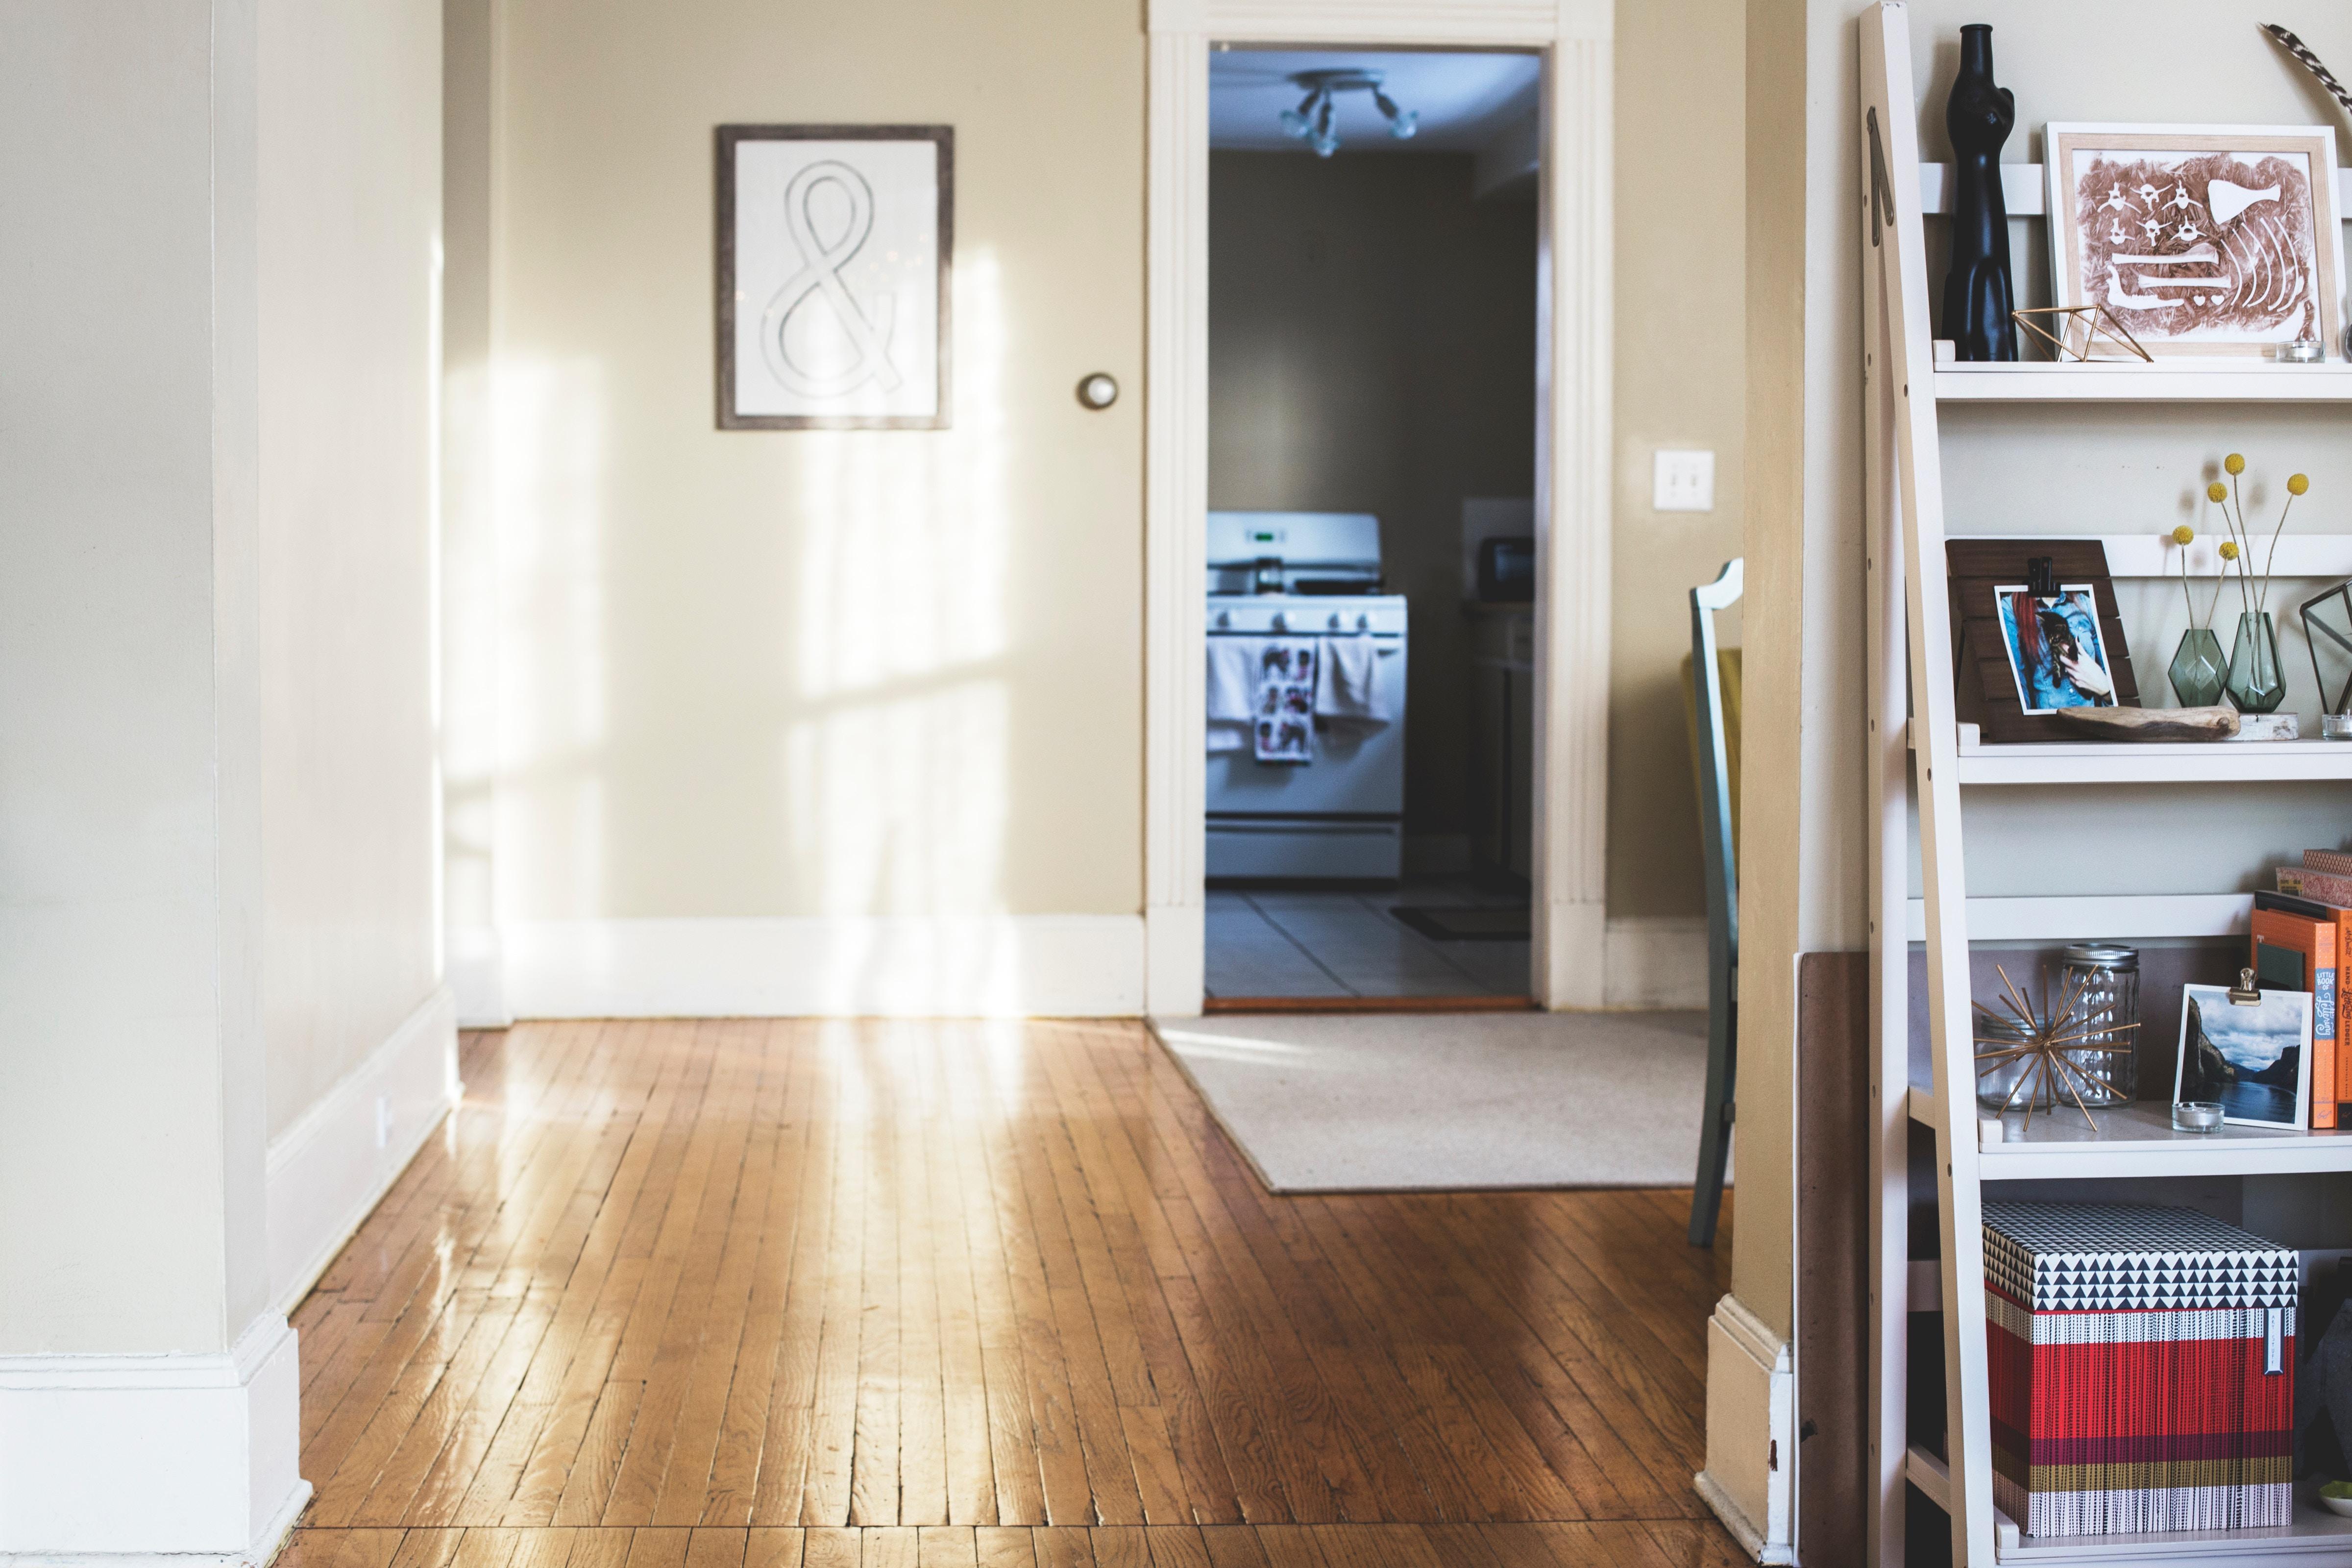 Image principale de l'article Comment rembourser mon emprunt immobilier au plus vite?